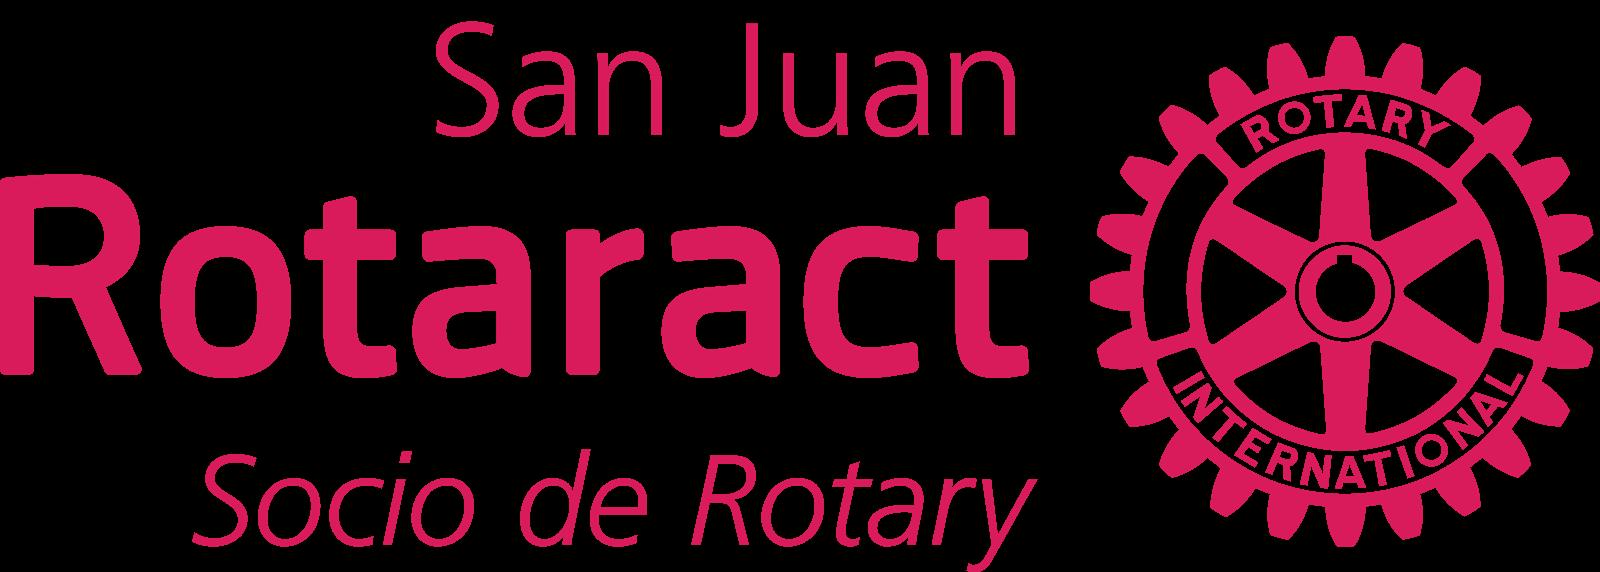 Rotaract San Juan - República Dominicana